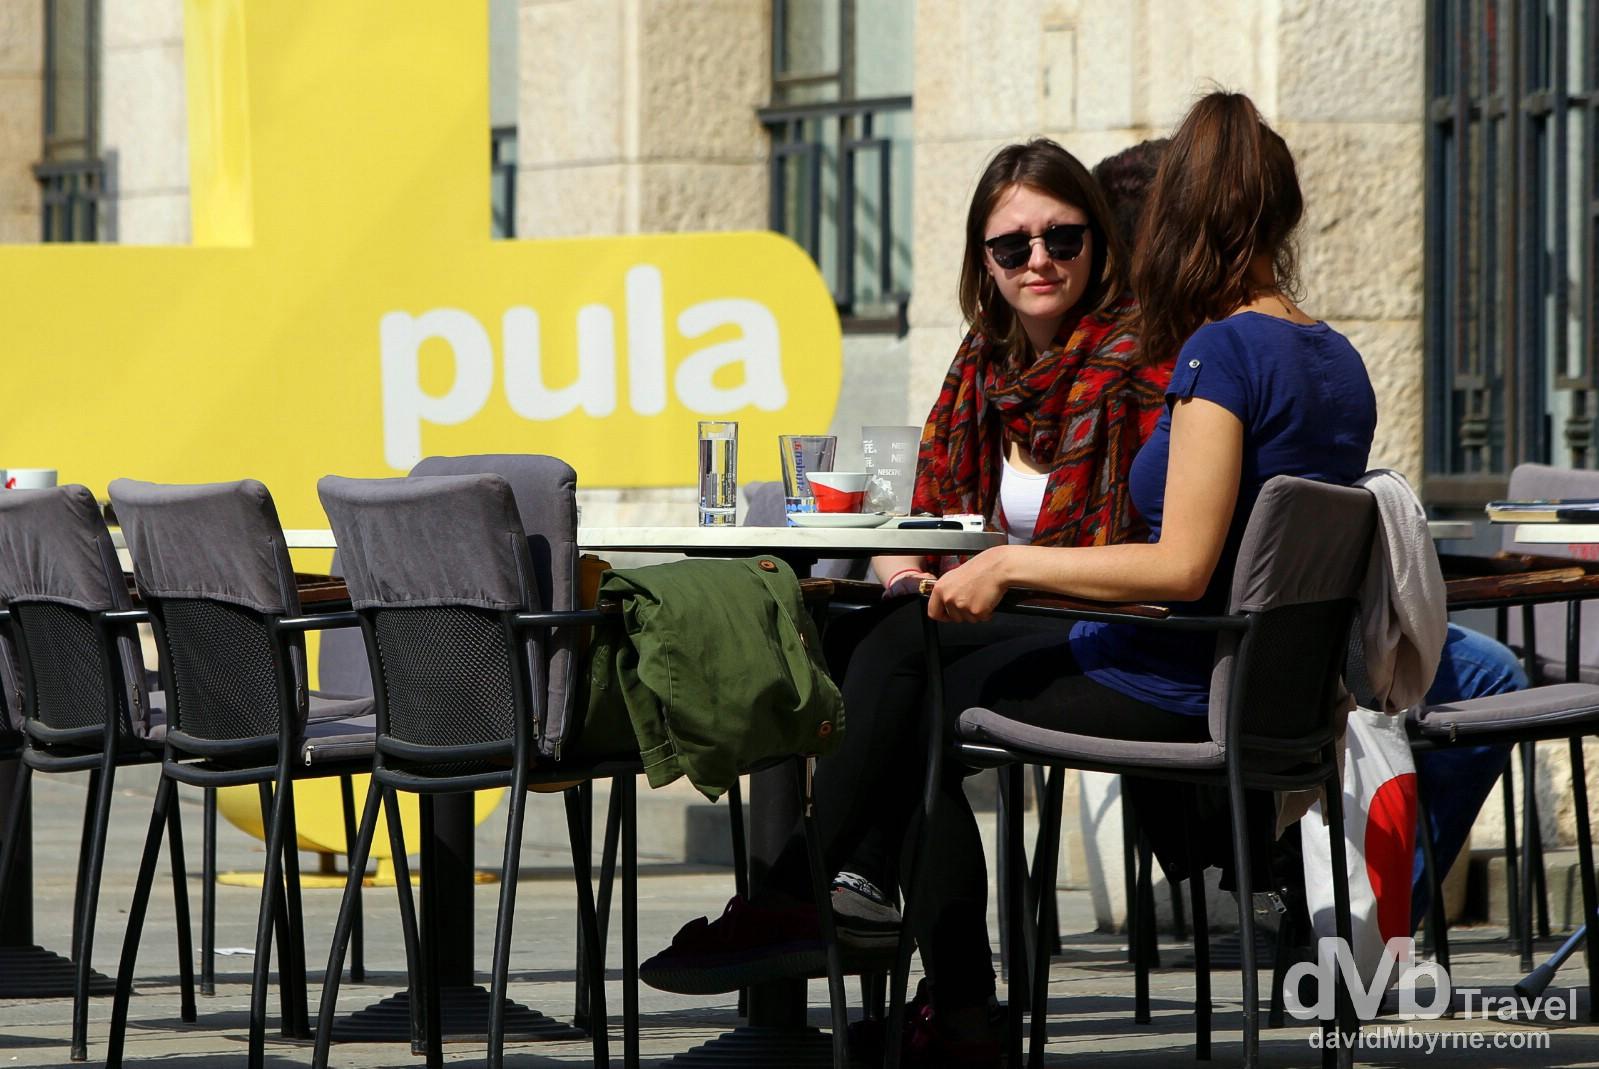 Pula, Istria Peninsula, Croatia